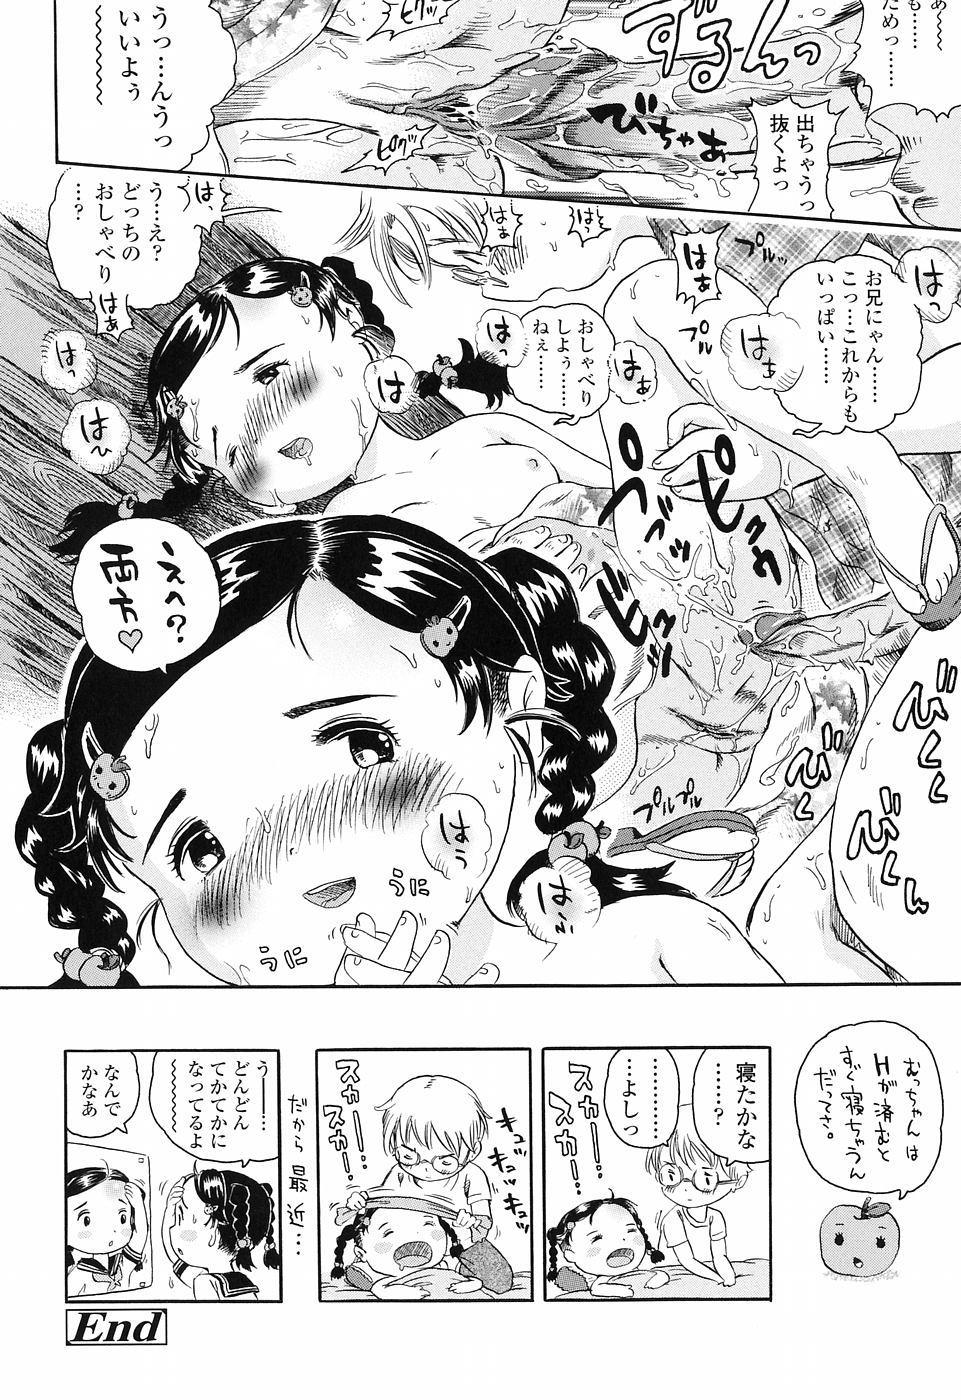 Koisuru Fukurami 33